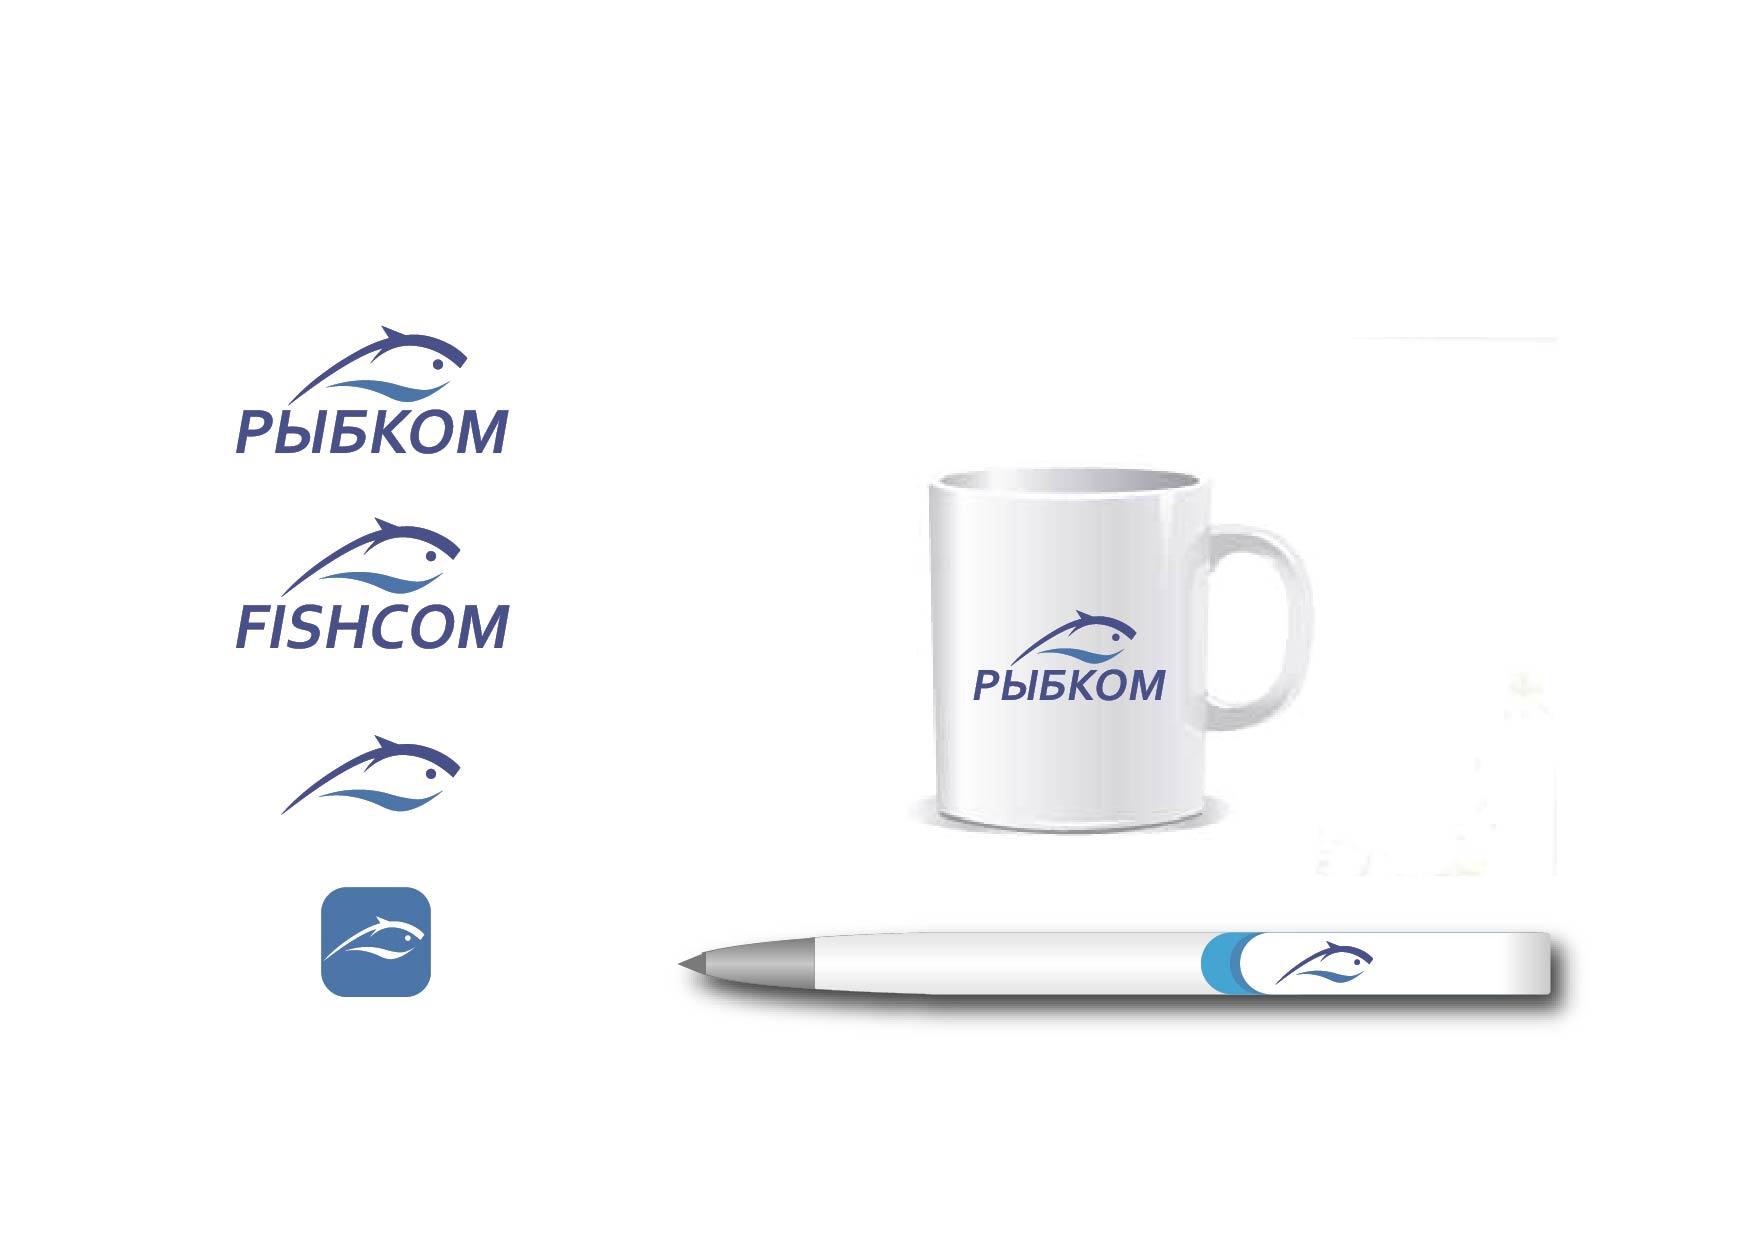 Создание логотипа и брэндбука для компании РЫБКОМ фото f_4115c09395409396.jpg